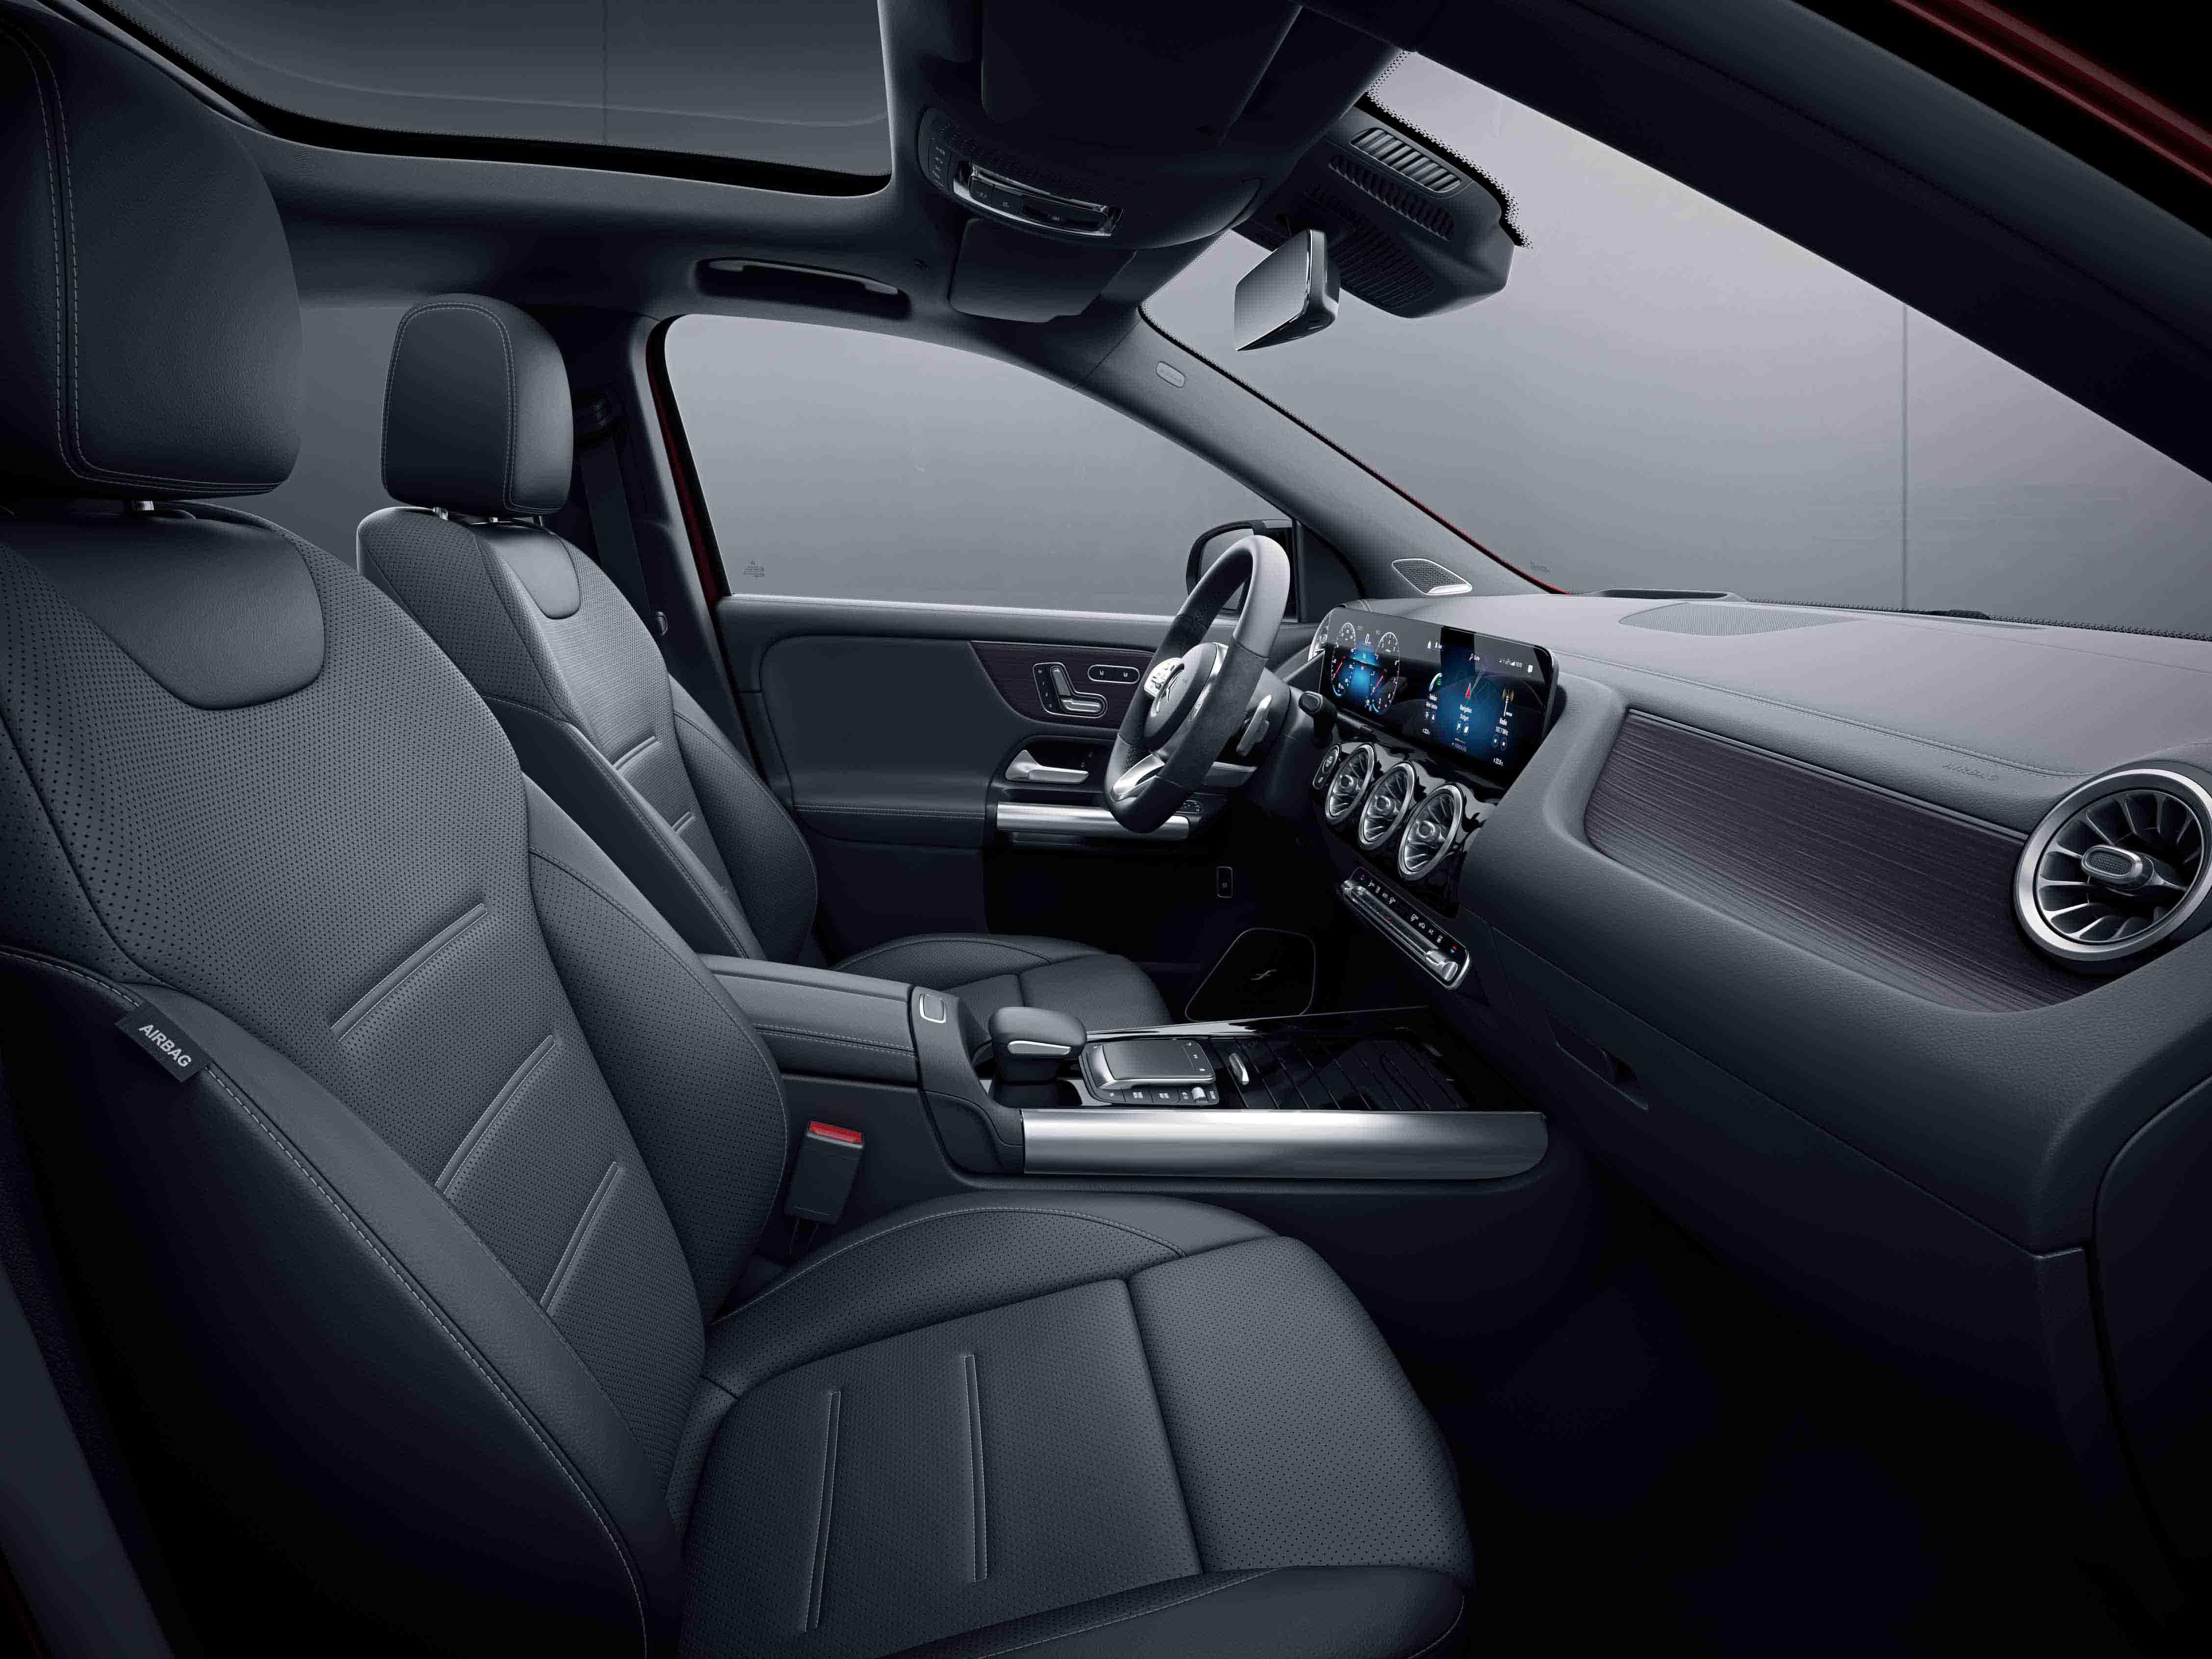 Habitacle de la Mercedes Classe GLA avec une Sellerie cuir bicolore - gris noir